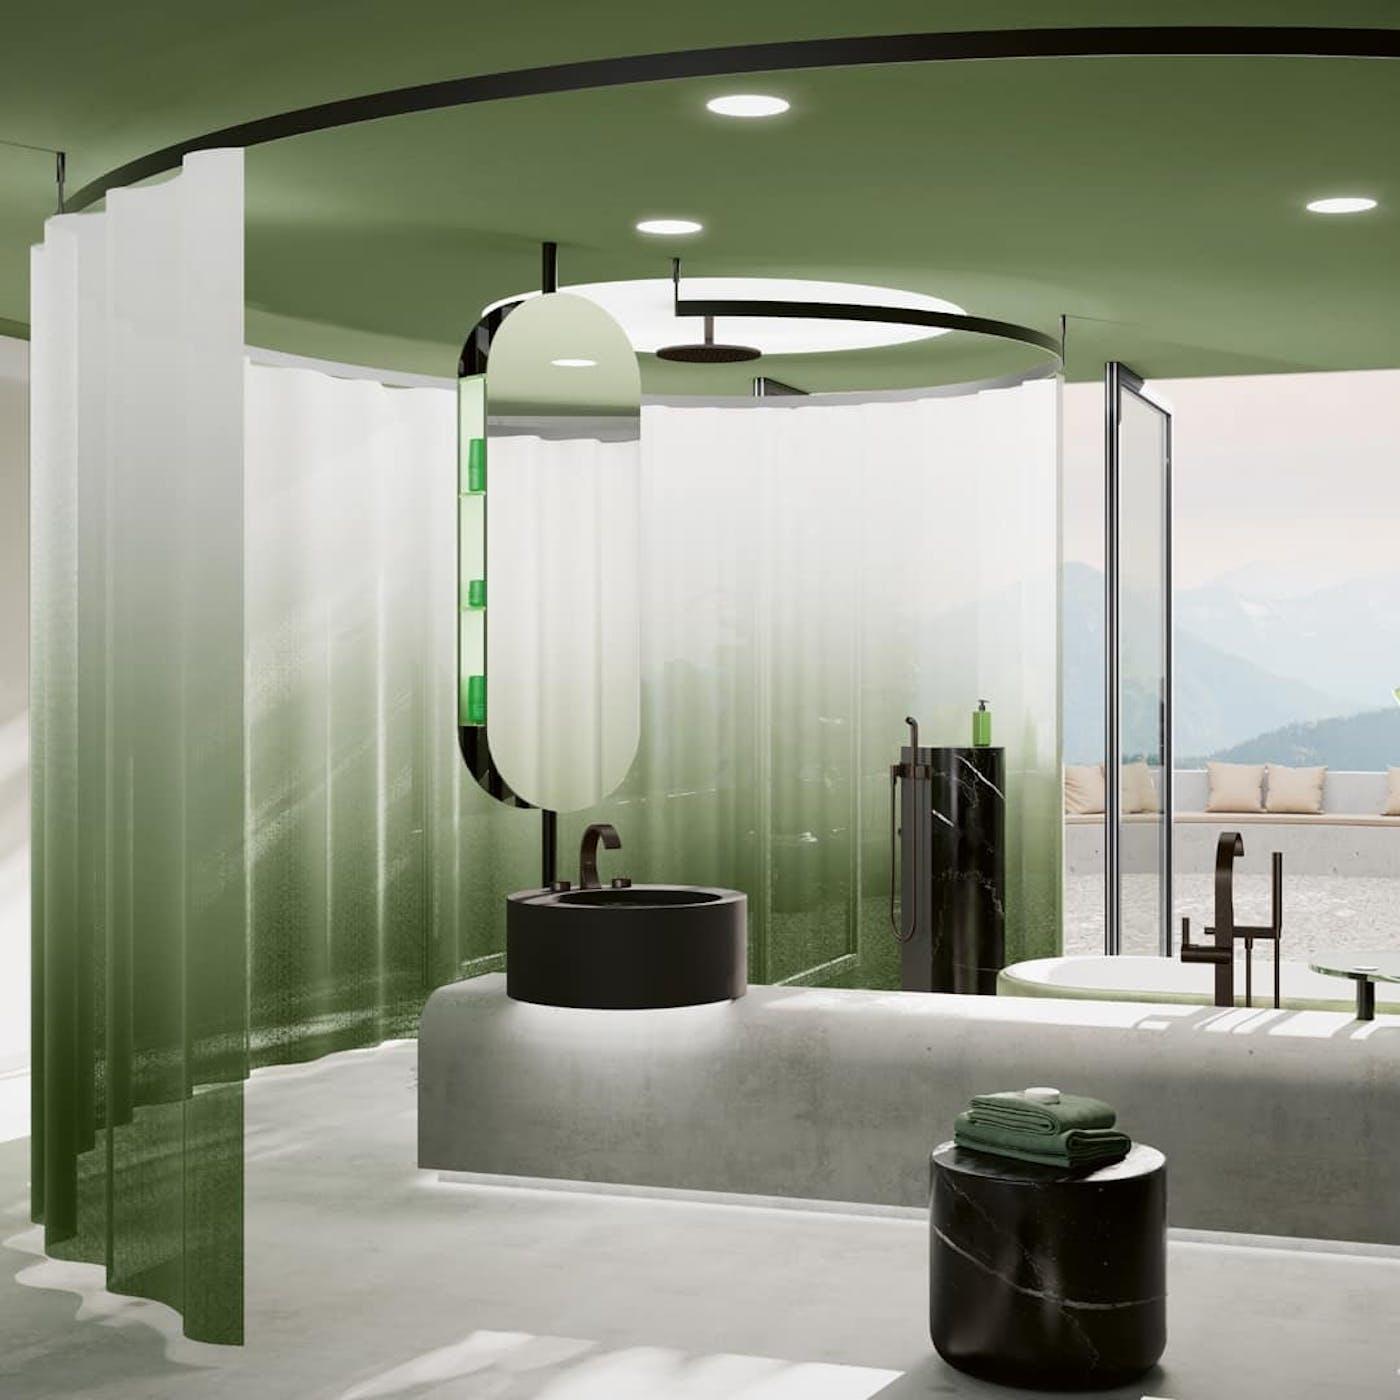 CYO green room